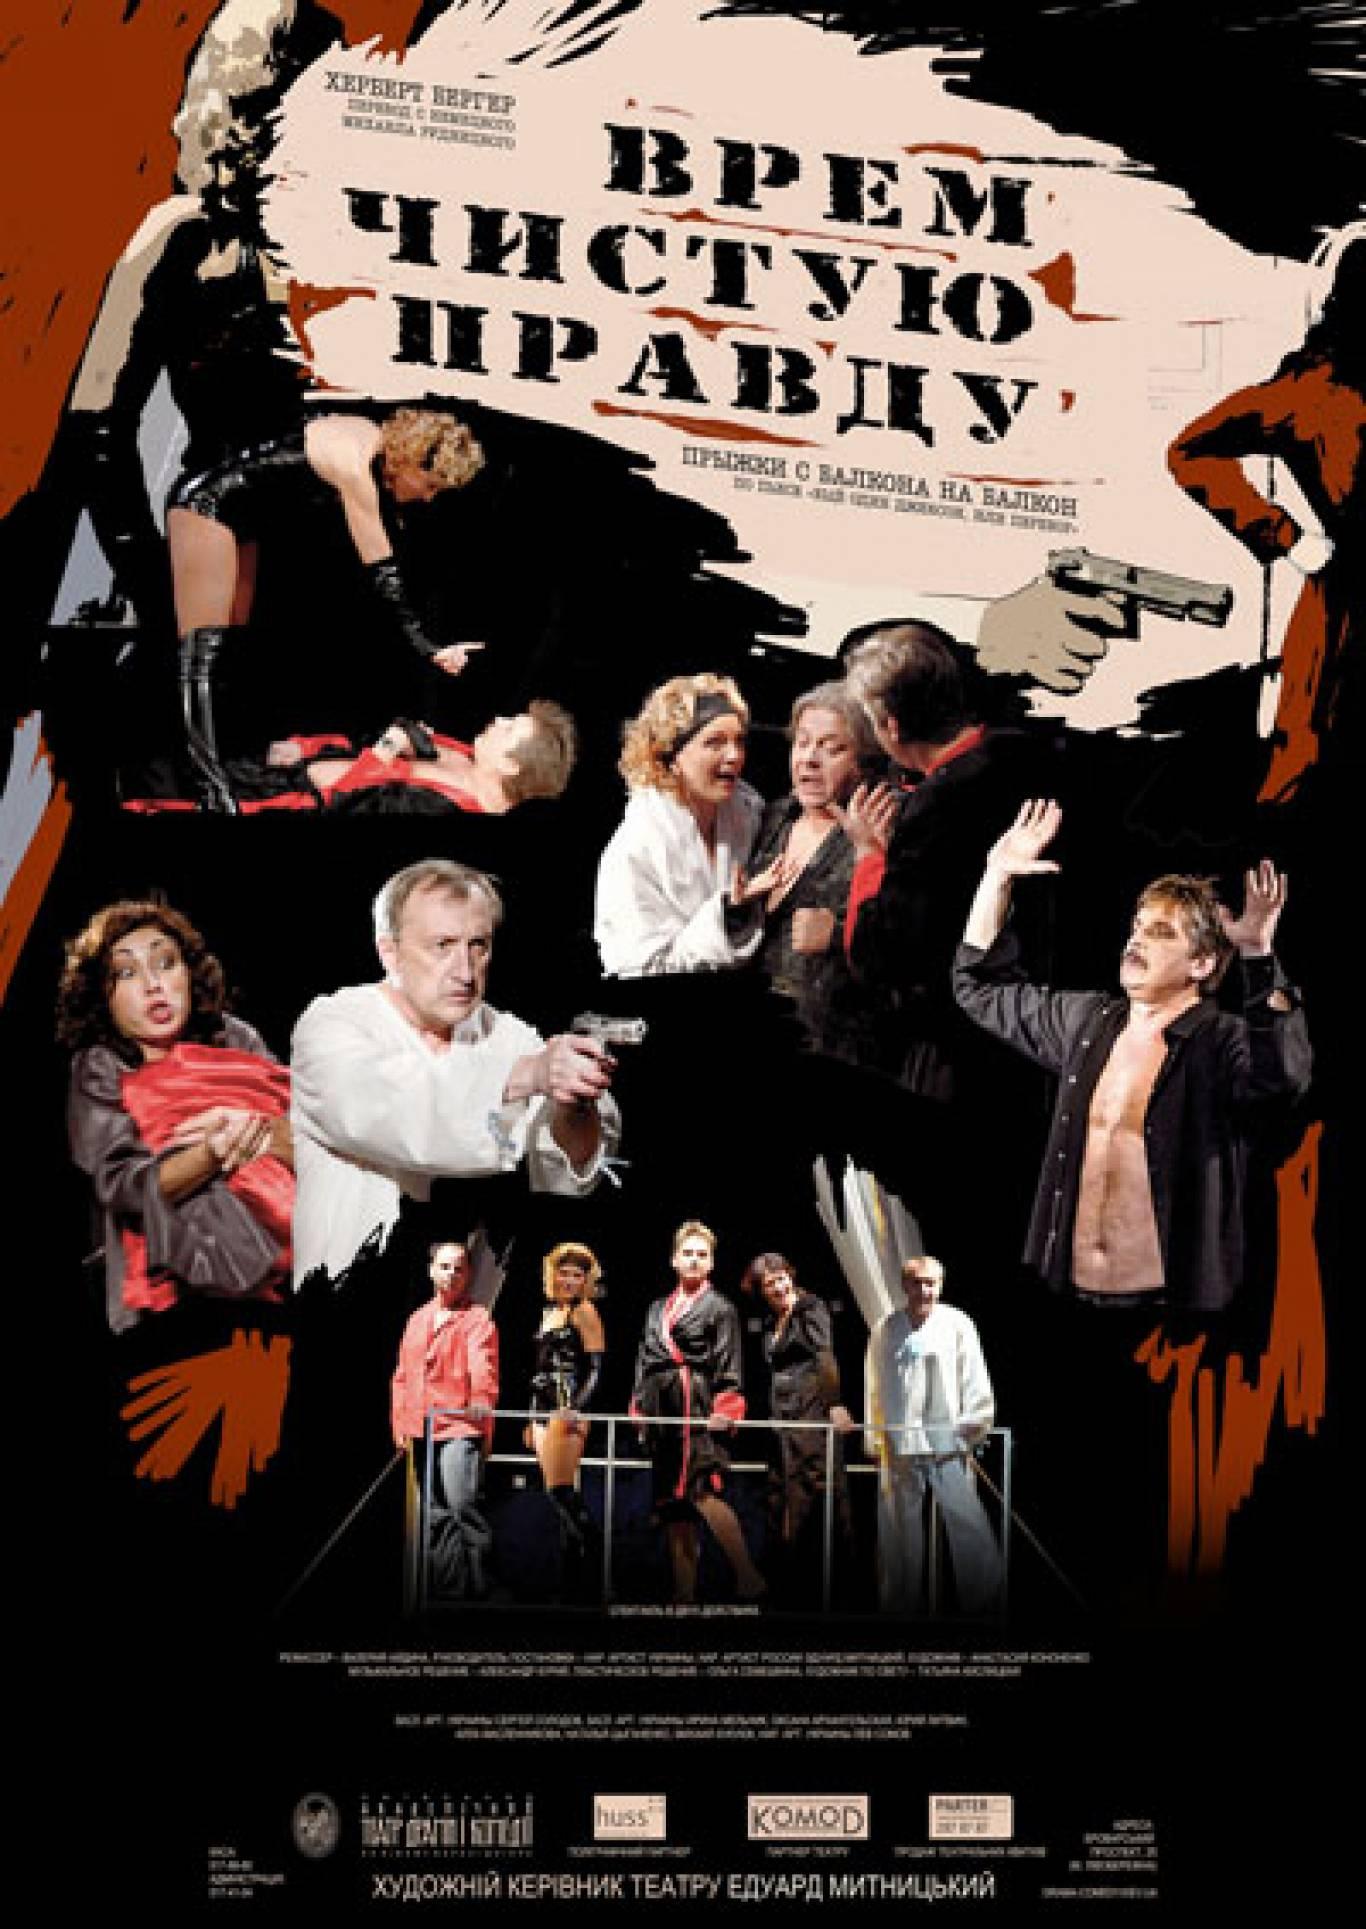 Вистава «Брешемо чисту правду» в Театрі на Лівому березі Дніпра